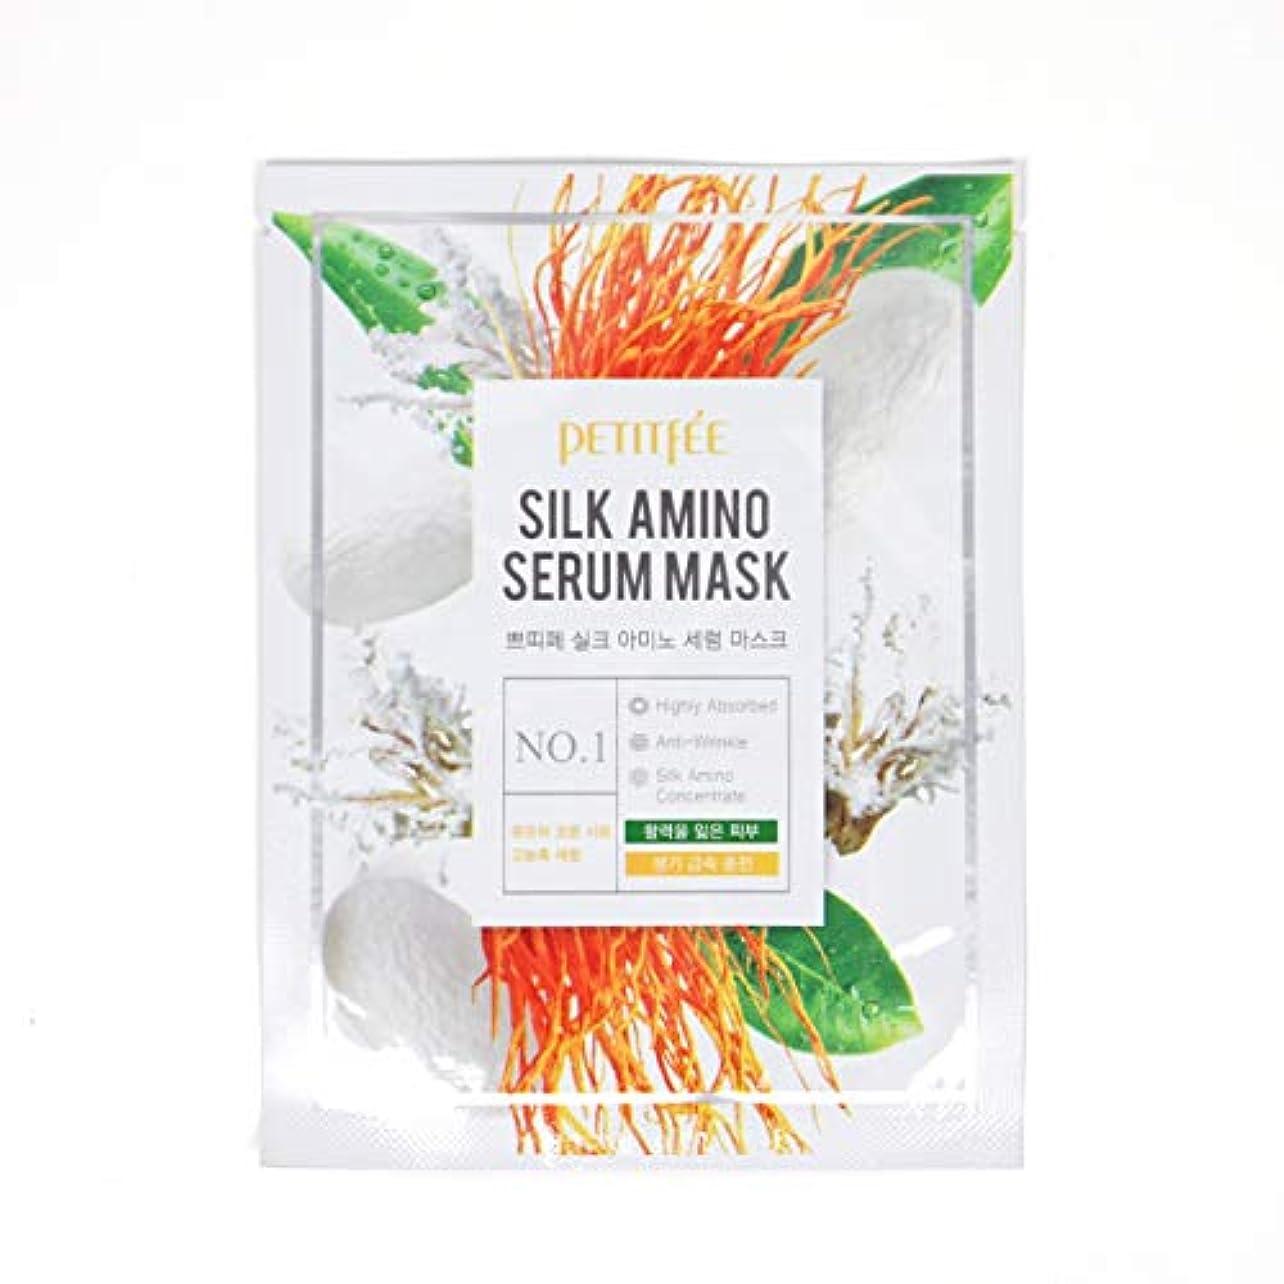 寝室を掃除する慢開発するPETITFEE (プチペ) シルクアミノセラムマスク 25gx10P (保湿) / Silk Amino Serum Mask